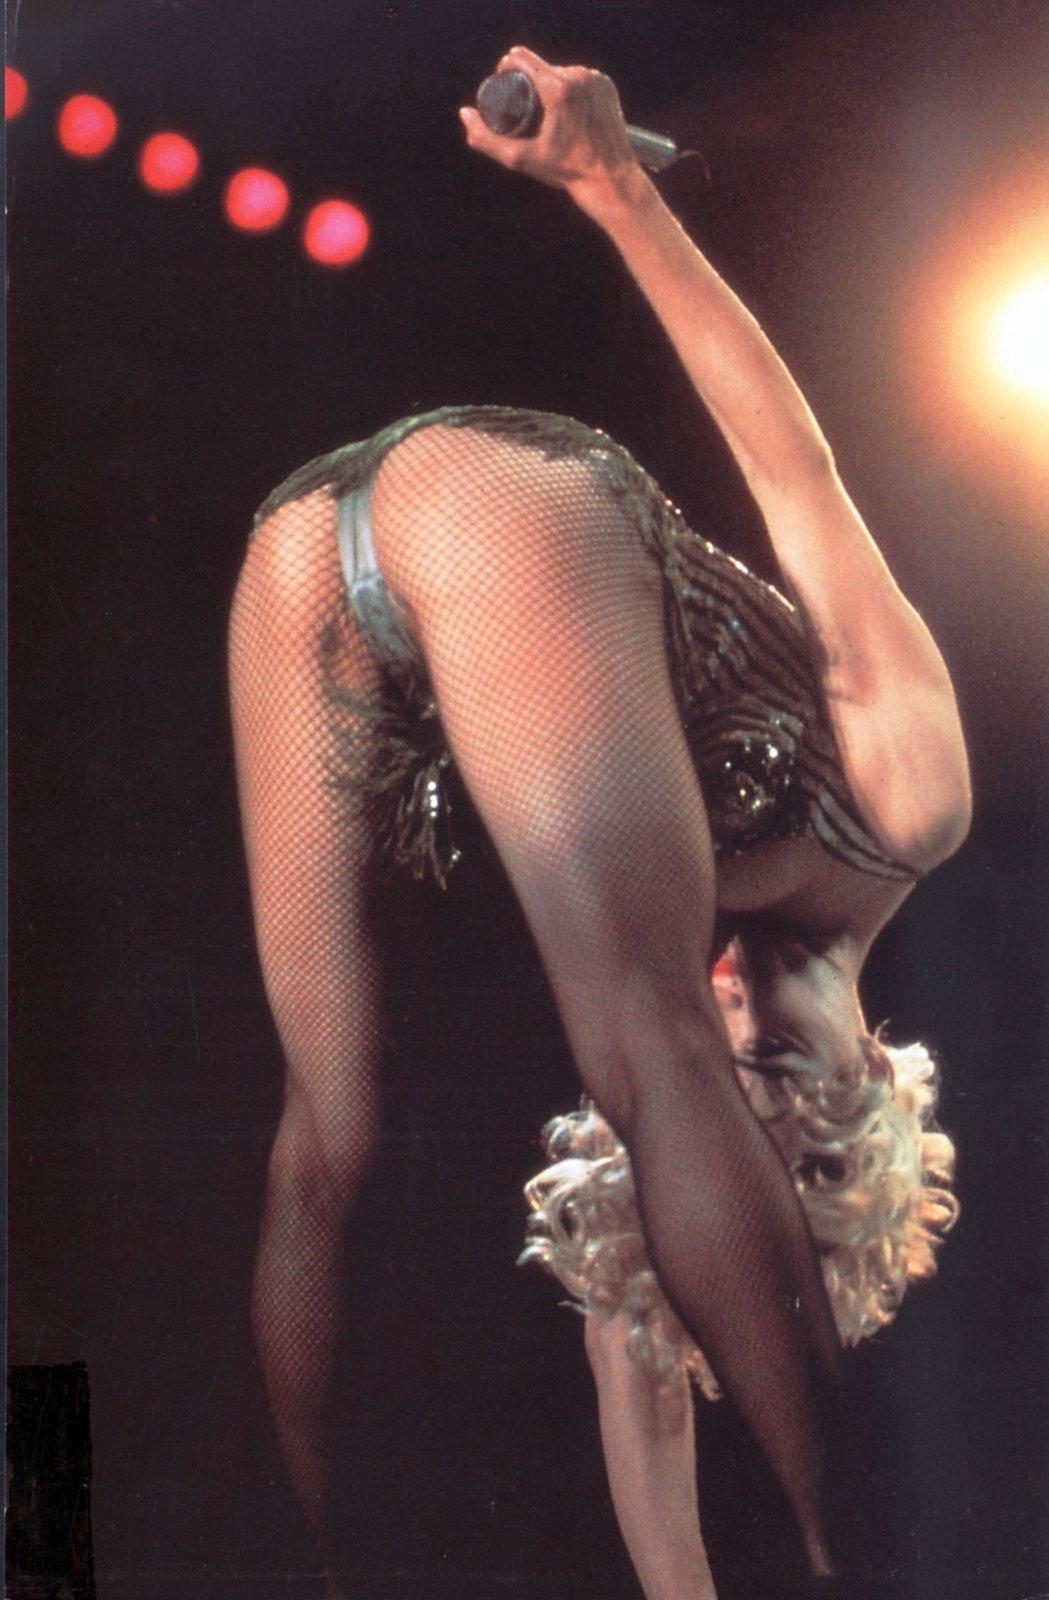 sexy póza Madonny